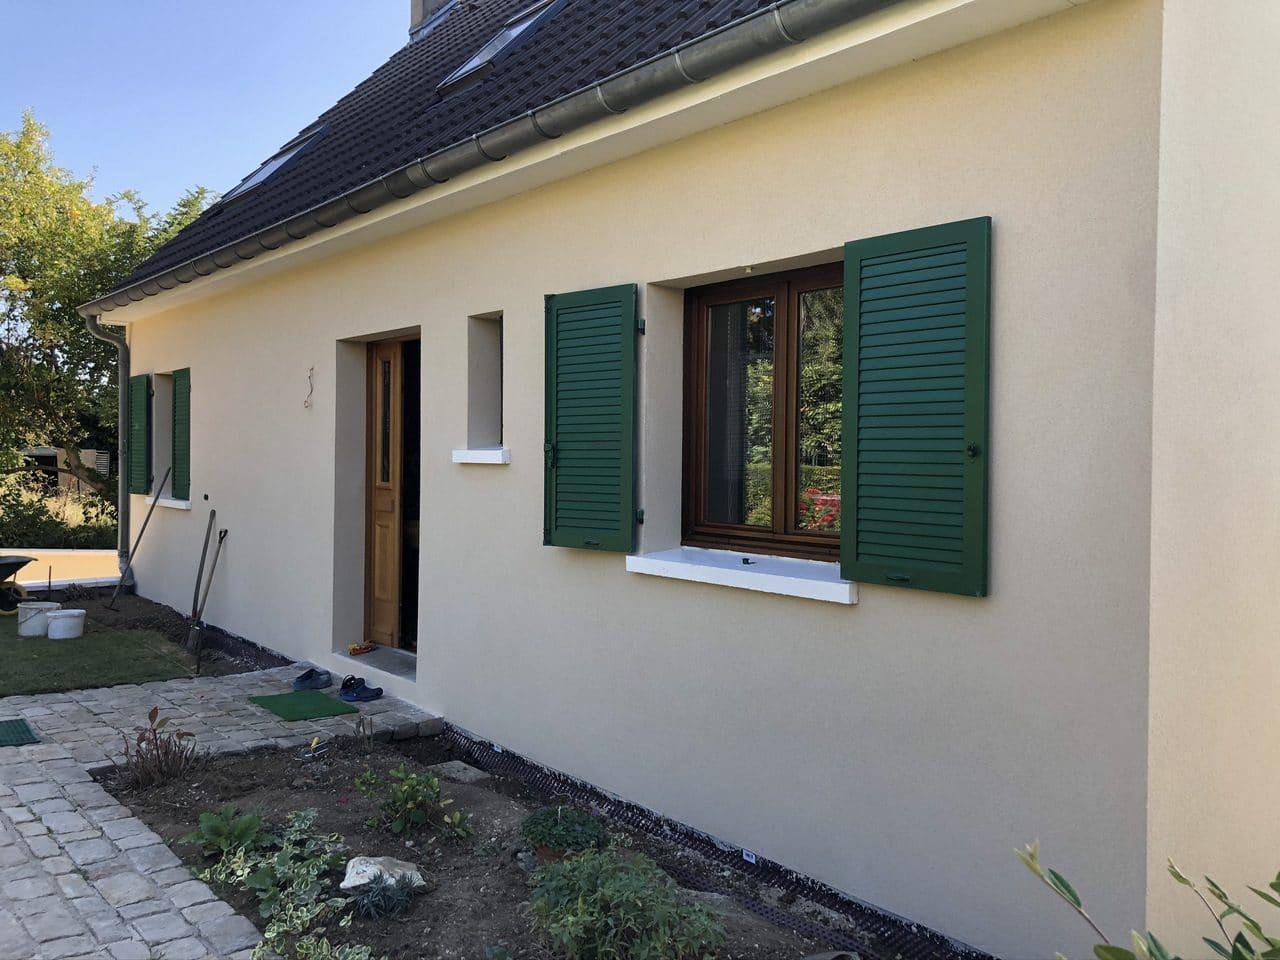 Menuiserie Lagny Sur Marne ravalement de façade à thorigny-sur-marne (77) - illico travaux